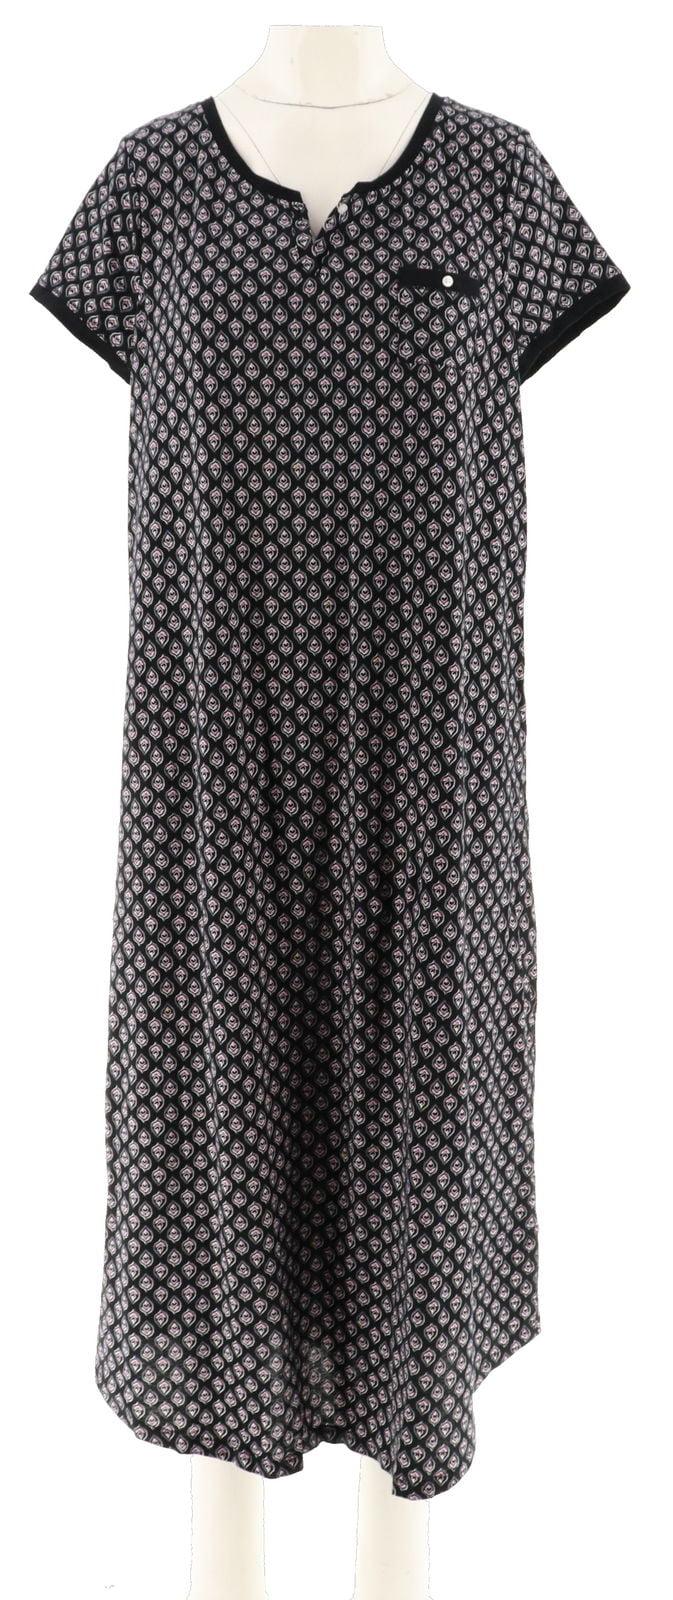 Carole Hochman Teardrop Jersey Long Gown Shelf Bra Black 1X NEW A302163